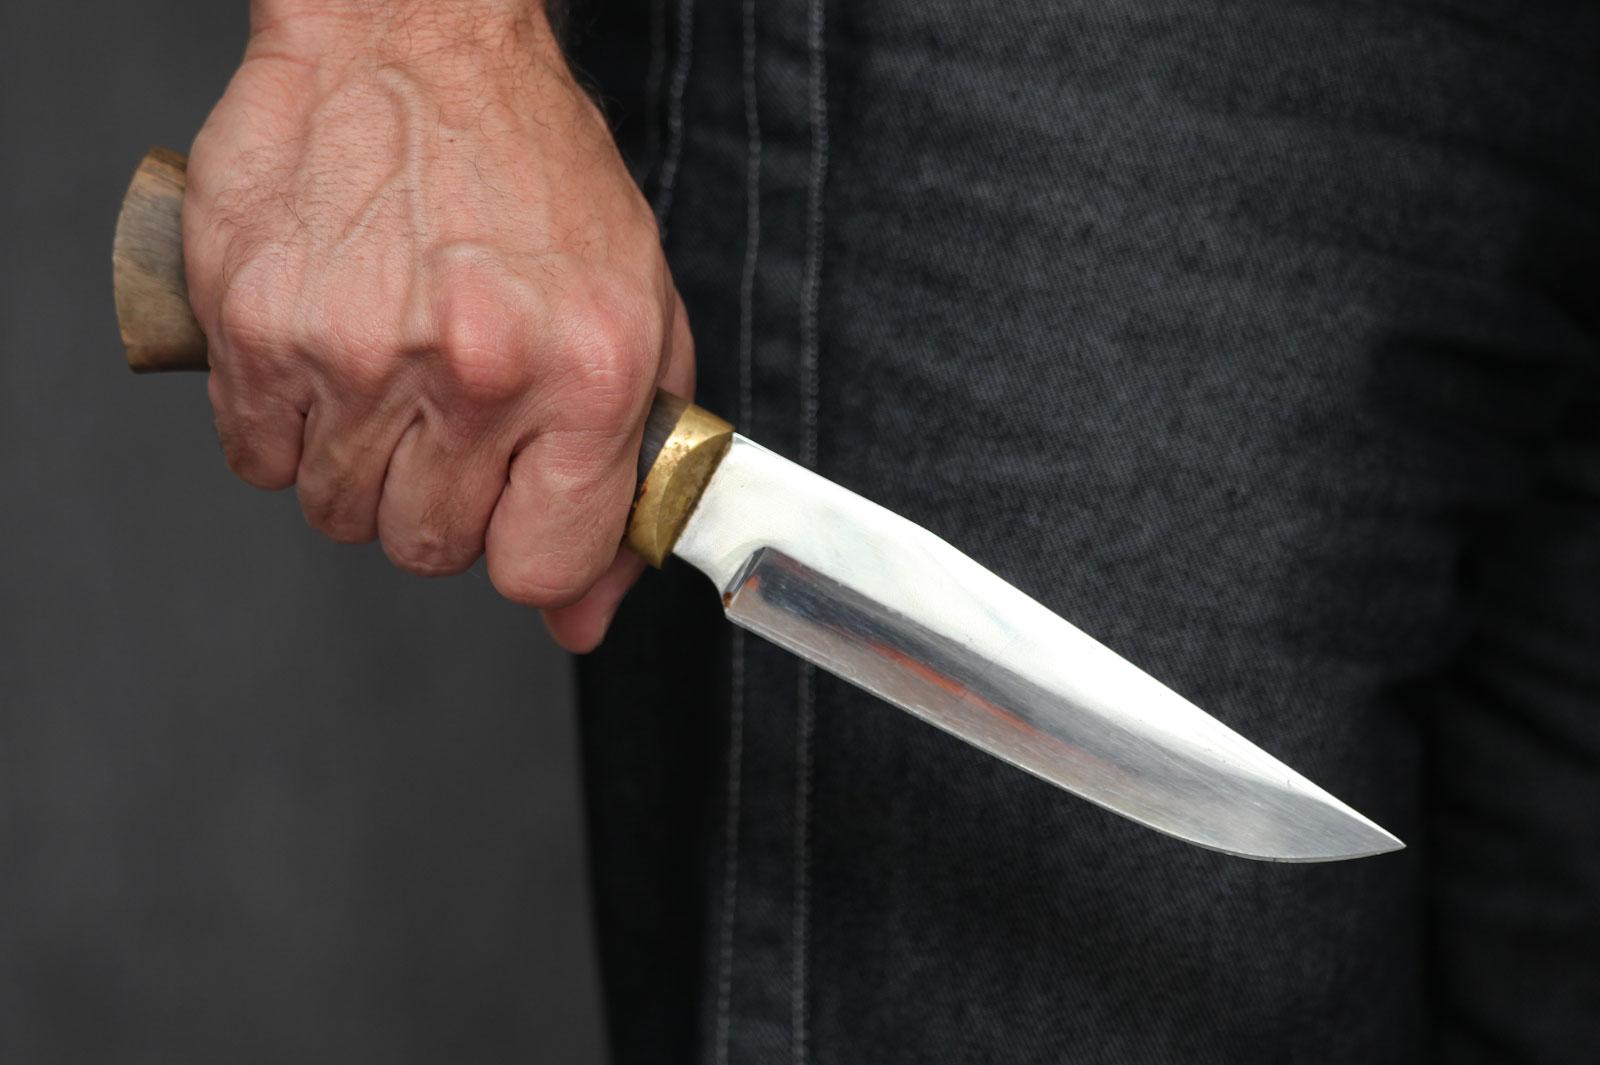 IS-Terror in der Schweiz: Islamistin attackiert Frauen mit Messer